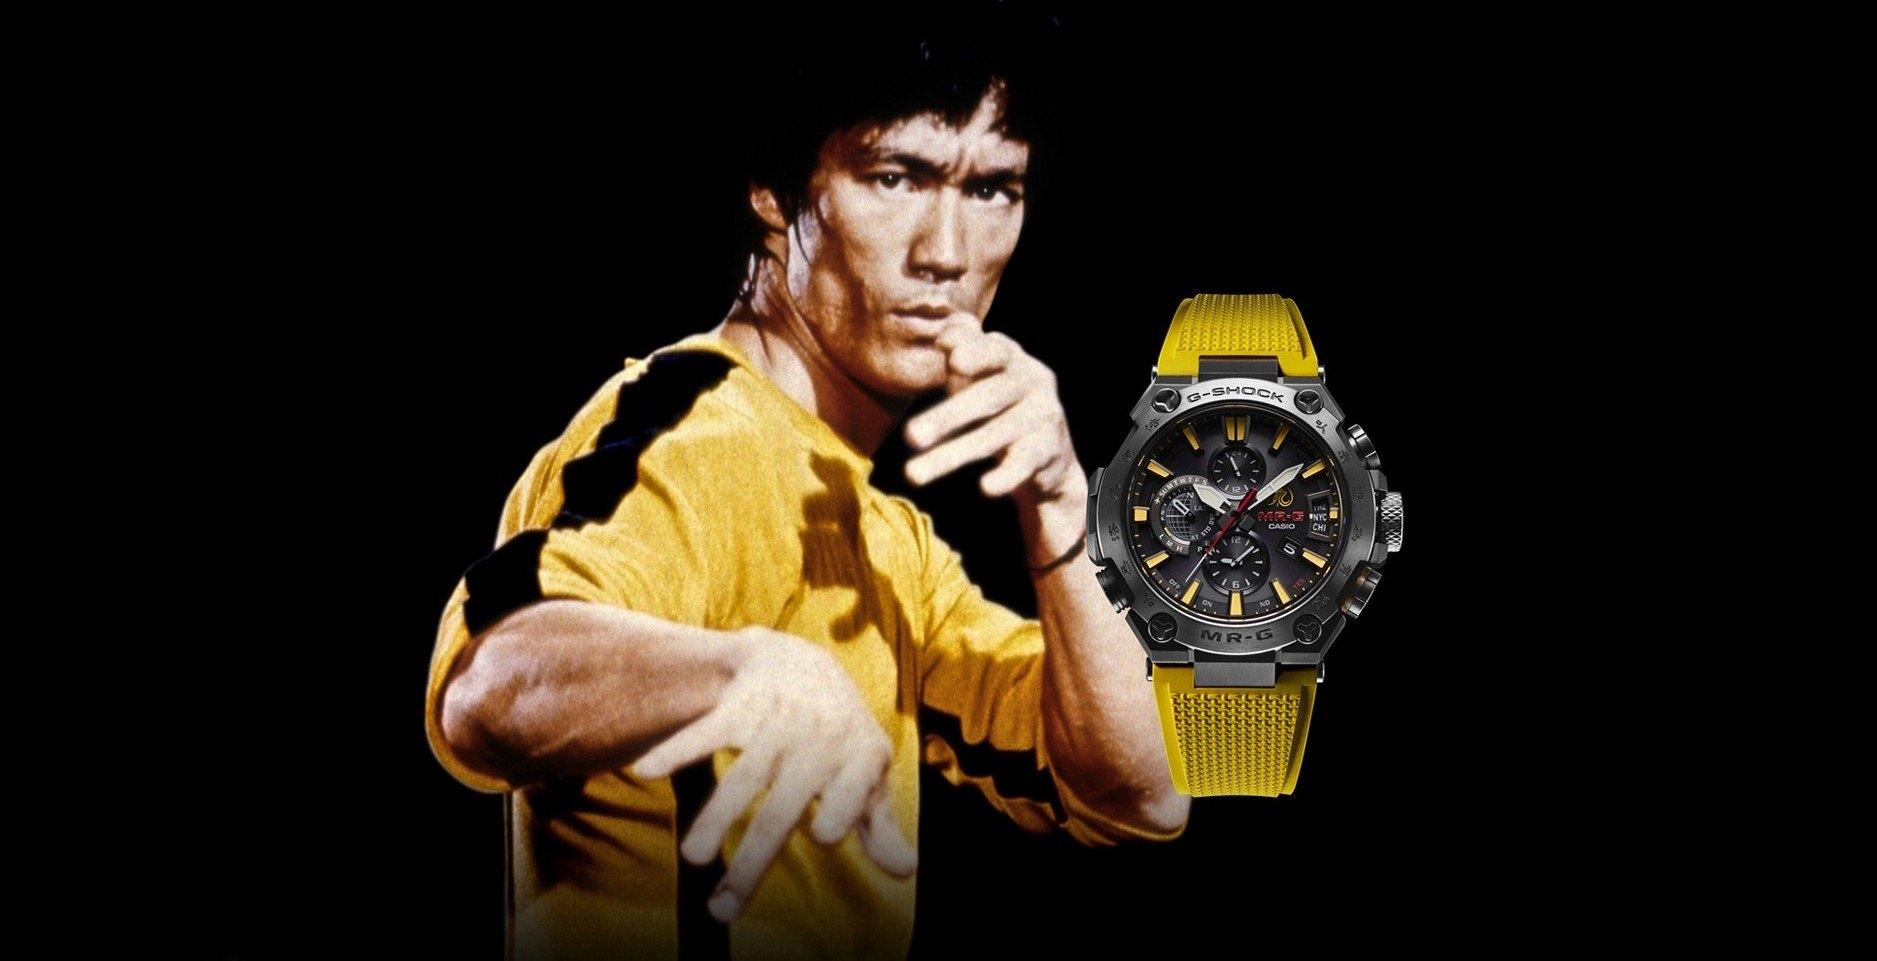 我們不是病夫,搶這支錶不用戴口罩:CASIO G-SHOCK MRG-G2000BL 李小龍紀念聯名錶款